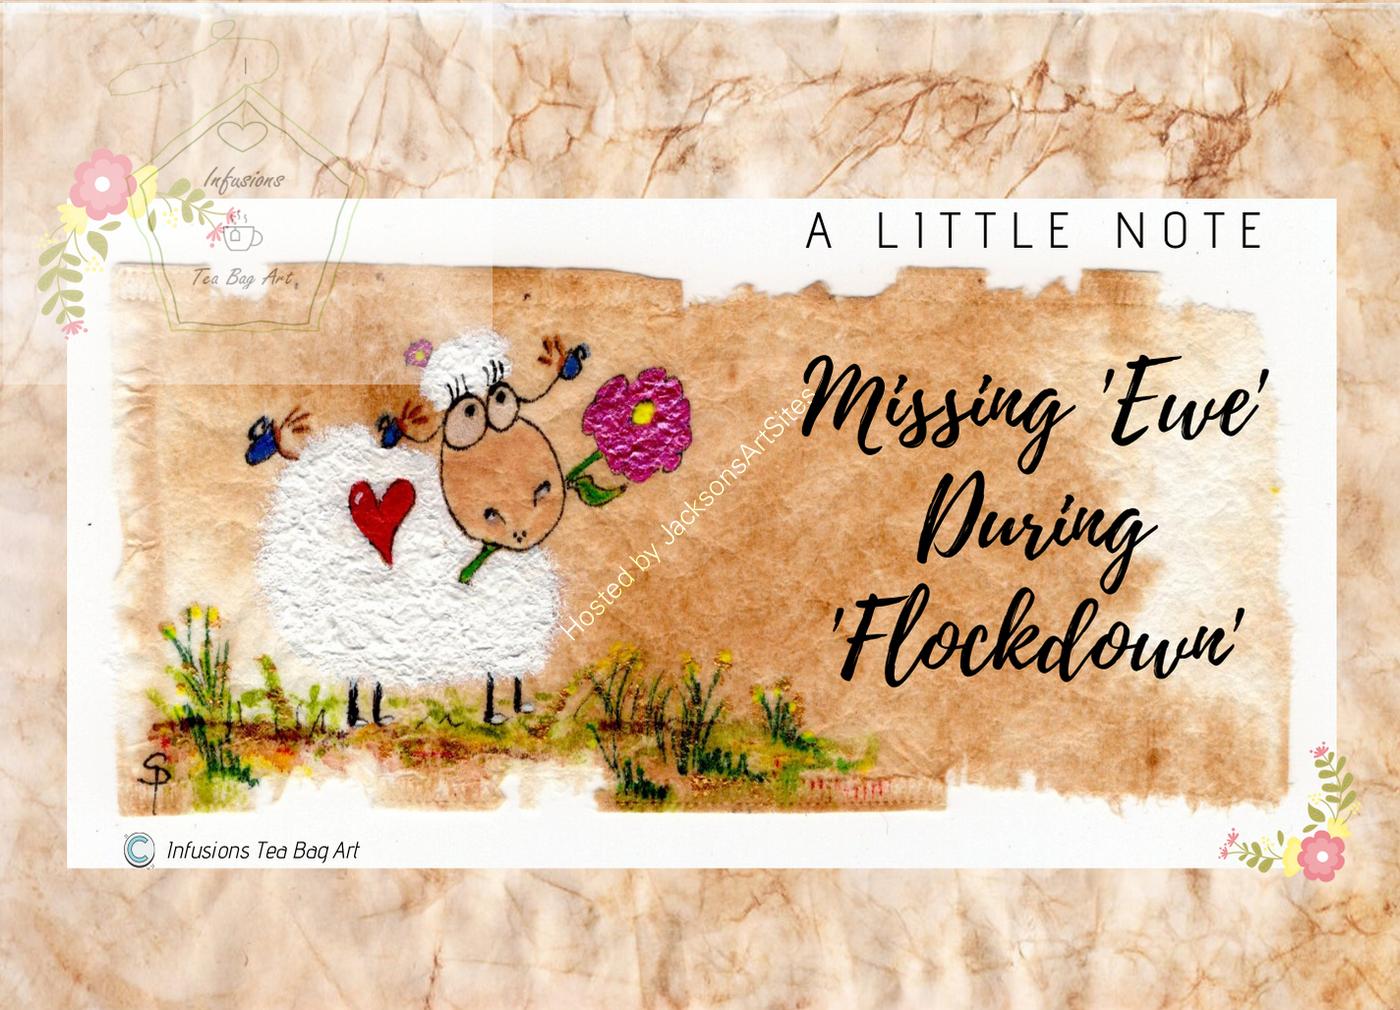 Missing 'Ewe' Flockdown - PNG - Copy - Copy - Copy